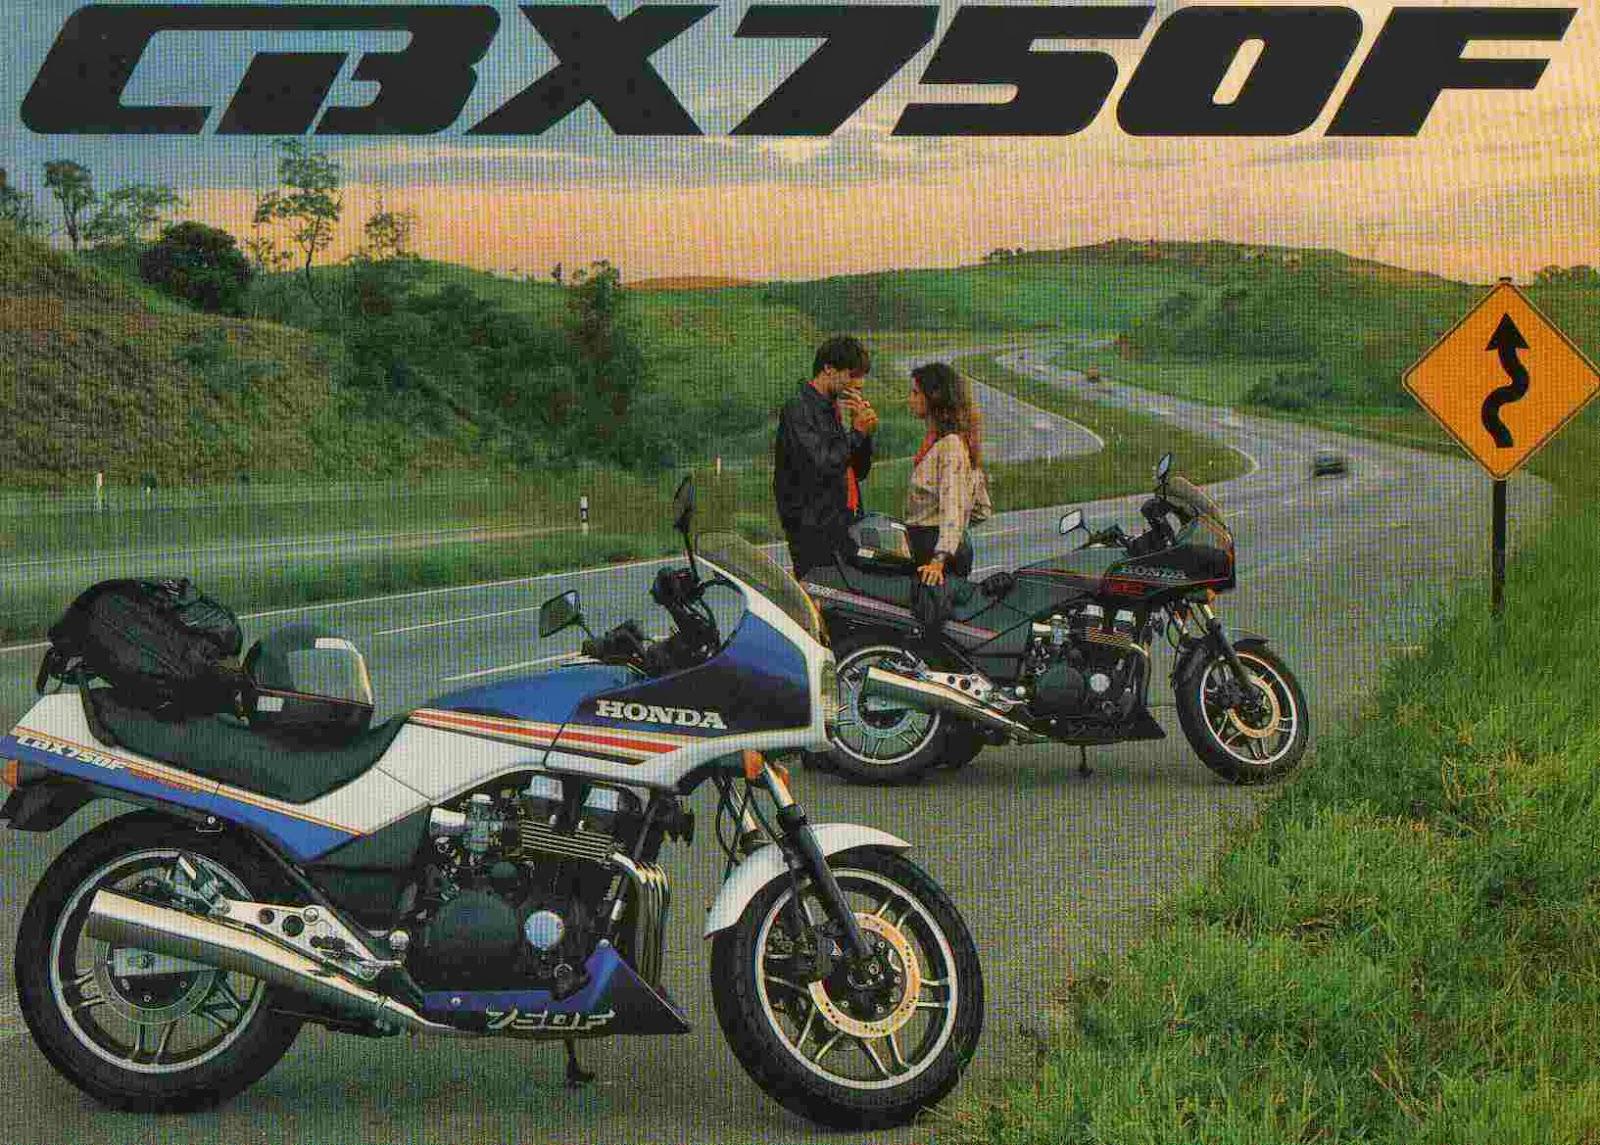 CBX750f - HONDA CBX750F